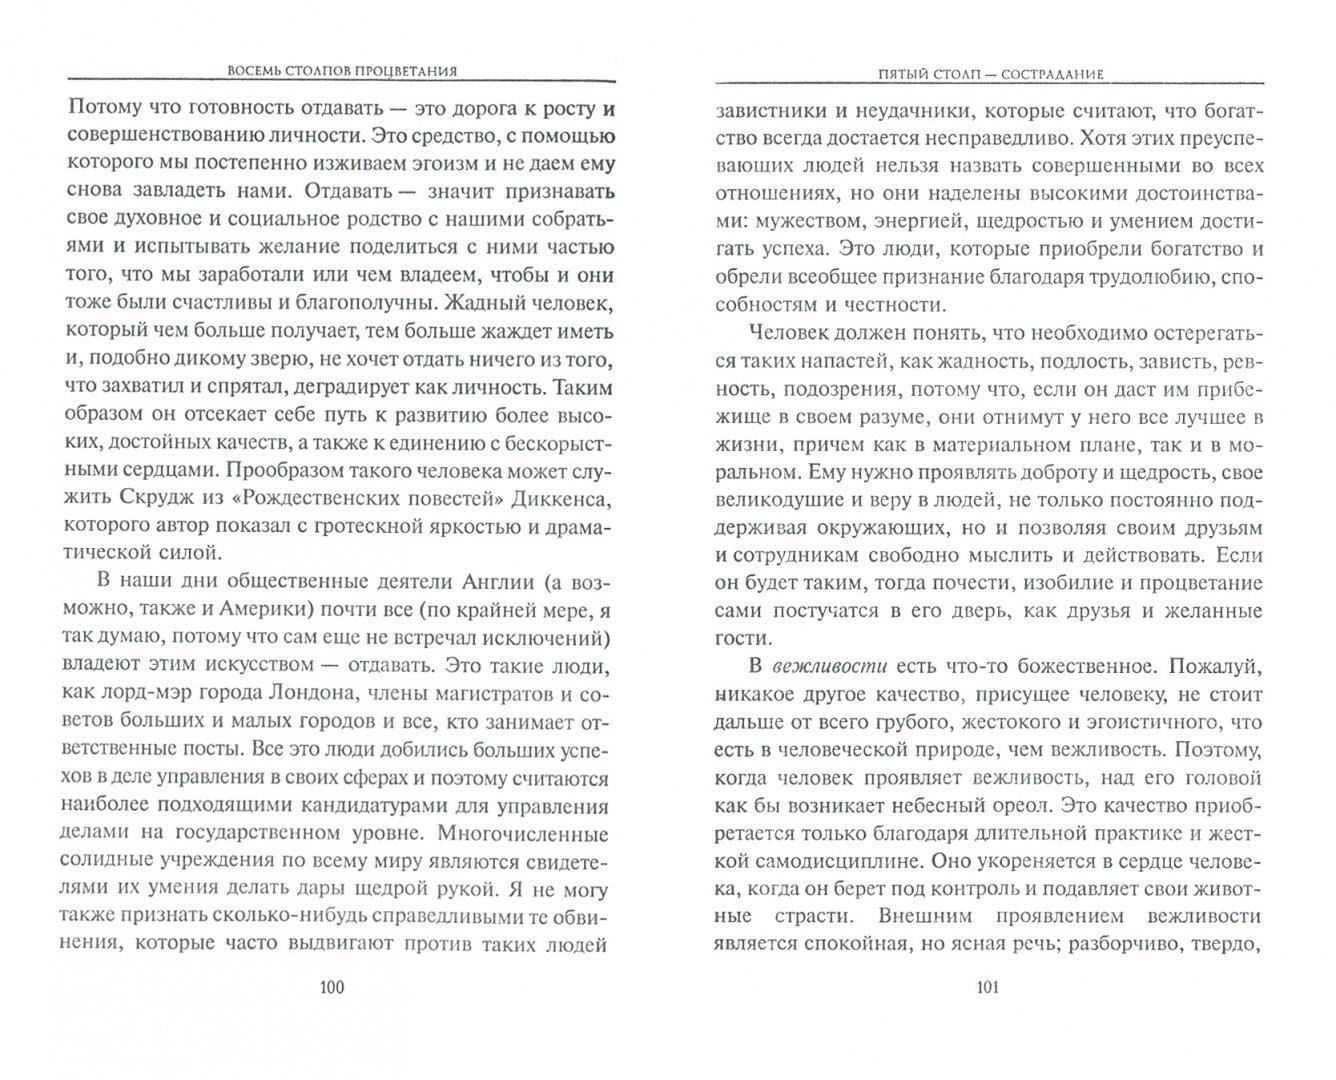 Иллюстрация 1 из 24 для Восемь столпов процветания: Станьте полноправным хозяином своего разума, здоровья и жизни - Джеймс Аллен   Лабиринт - книги. Источник: Лабиринт